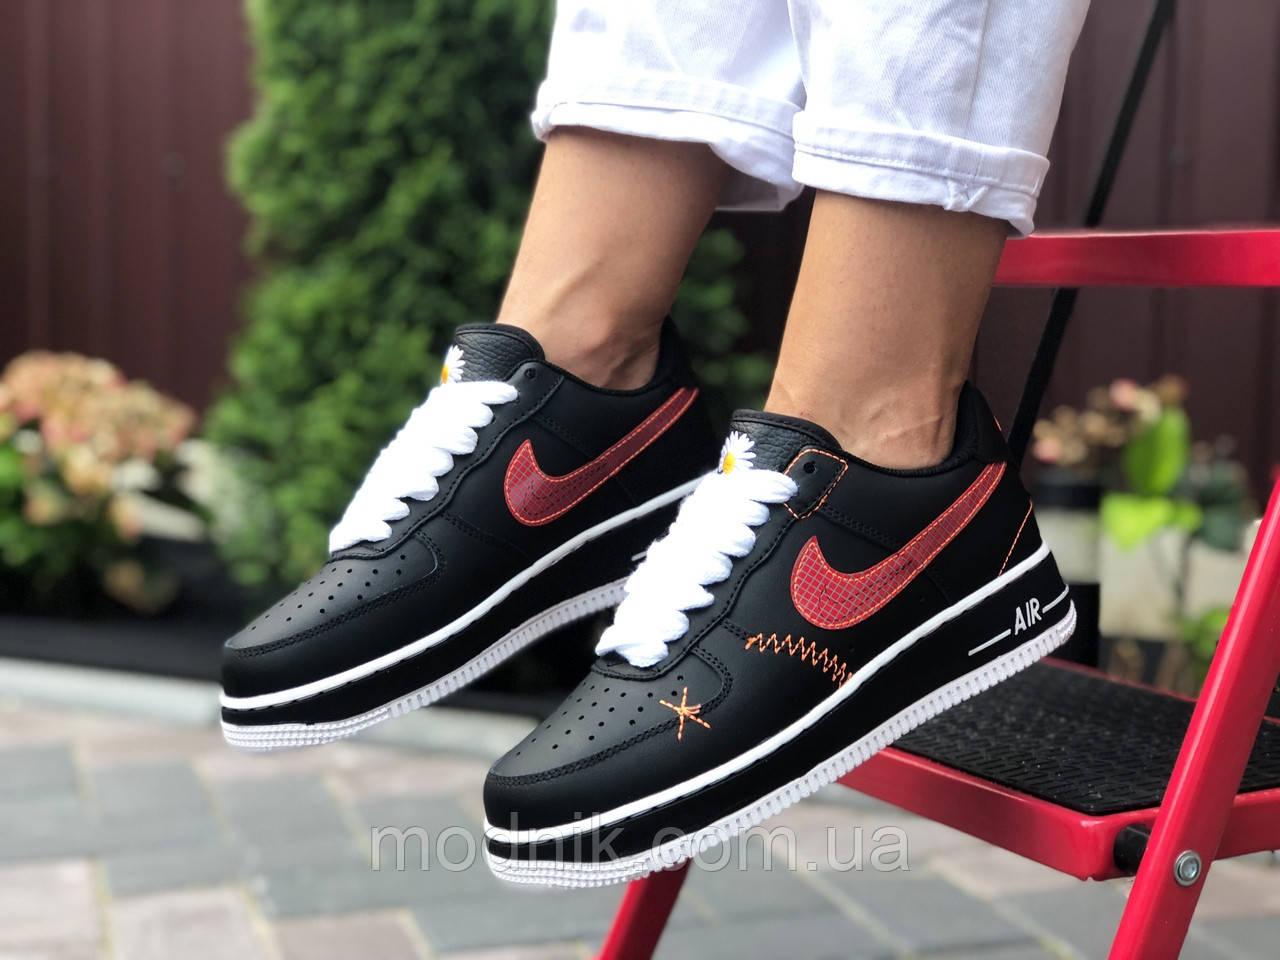 Женские кроссовки Nike Air Force 1 (черно-белые с красным) 9684